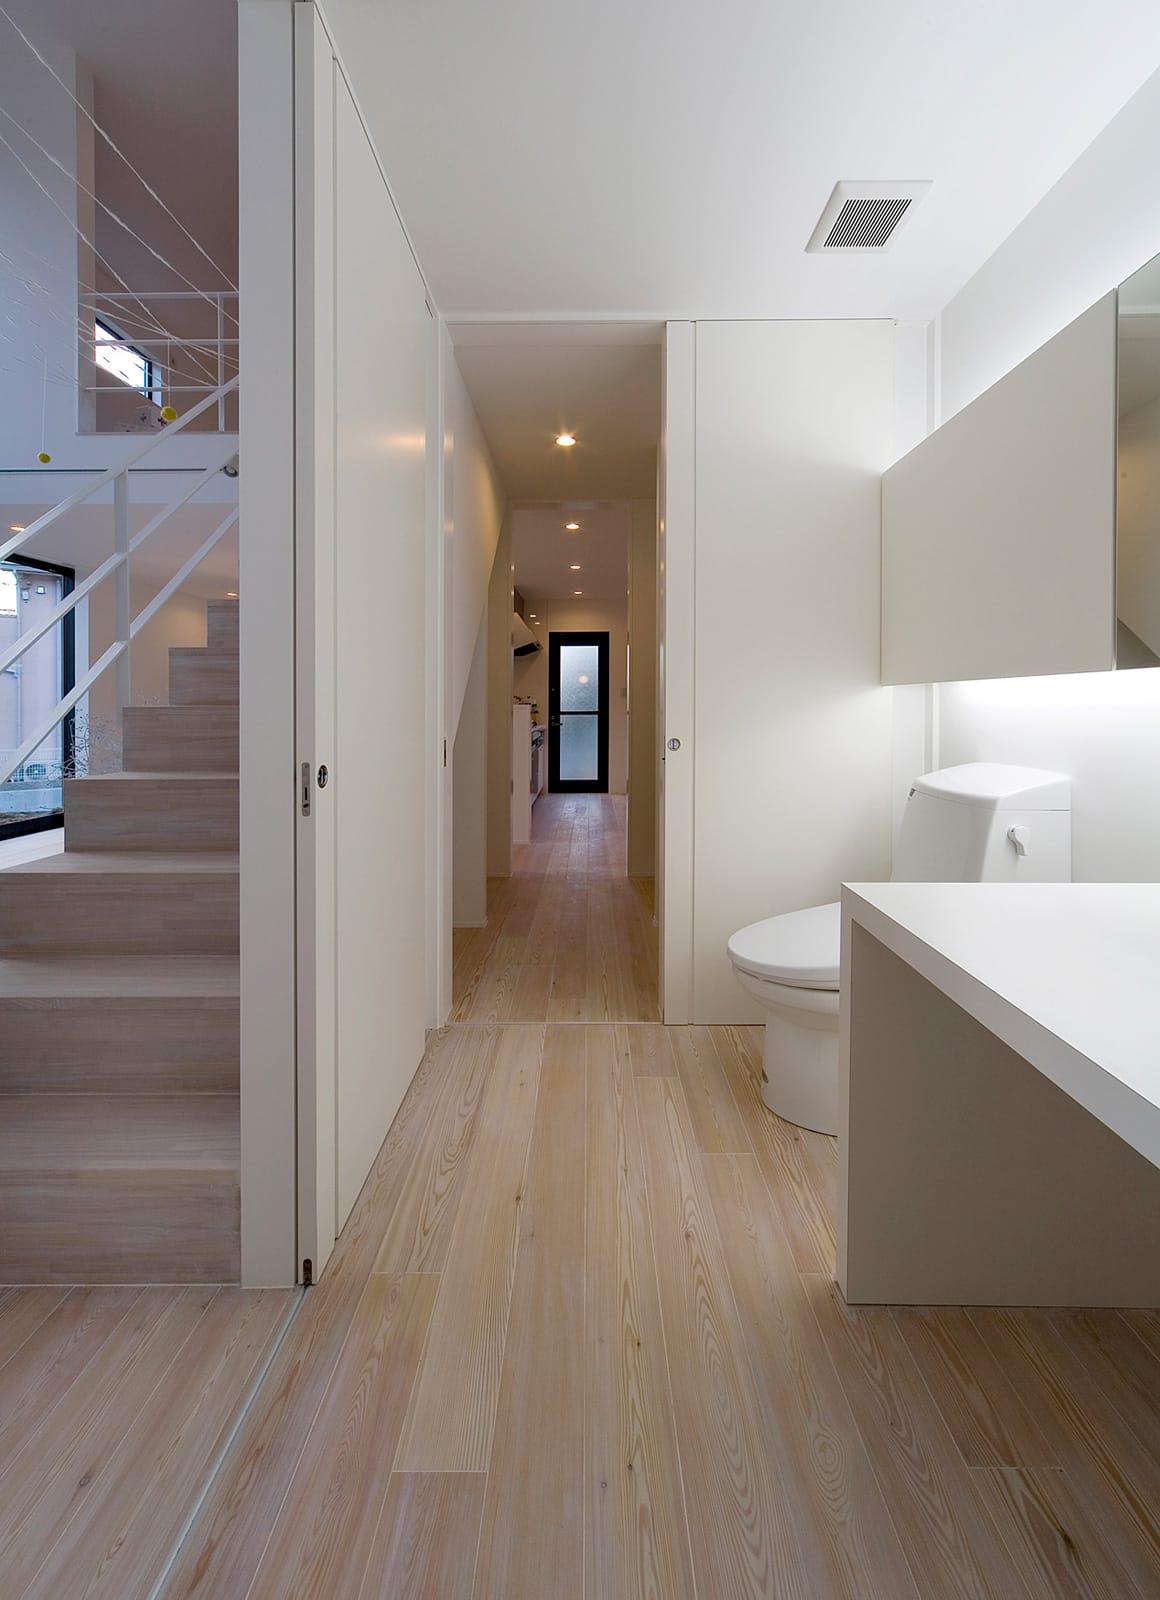 吹抜が開放的な陽だまりの家のトイレ1